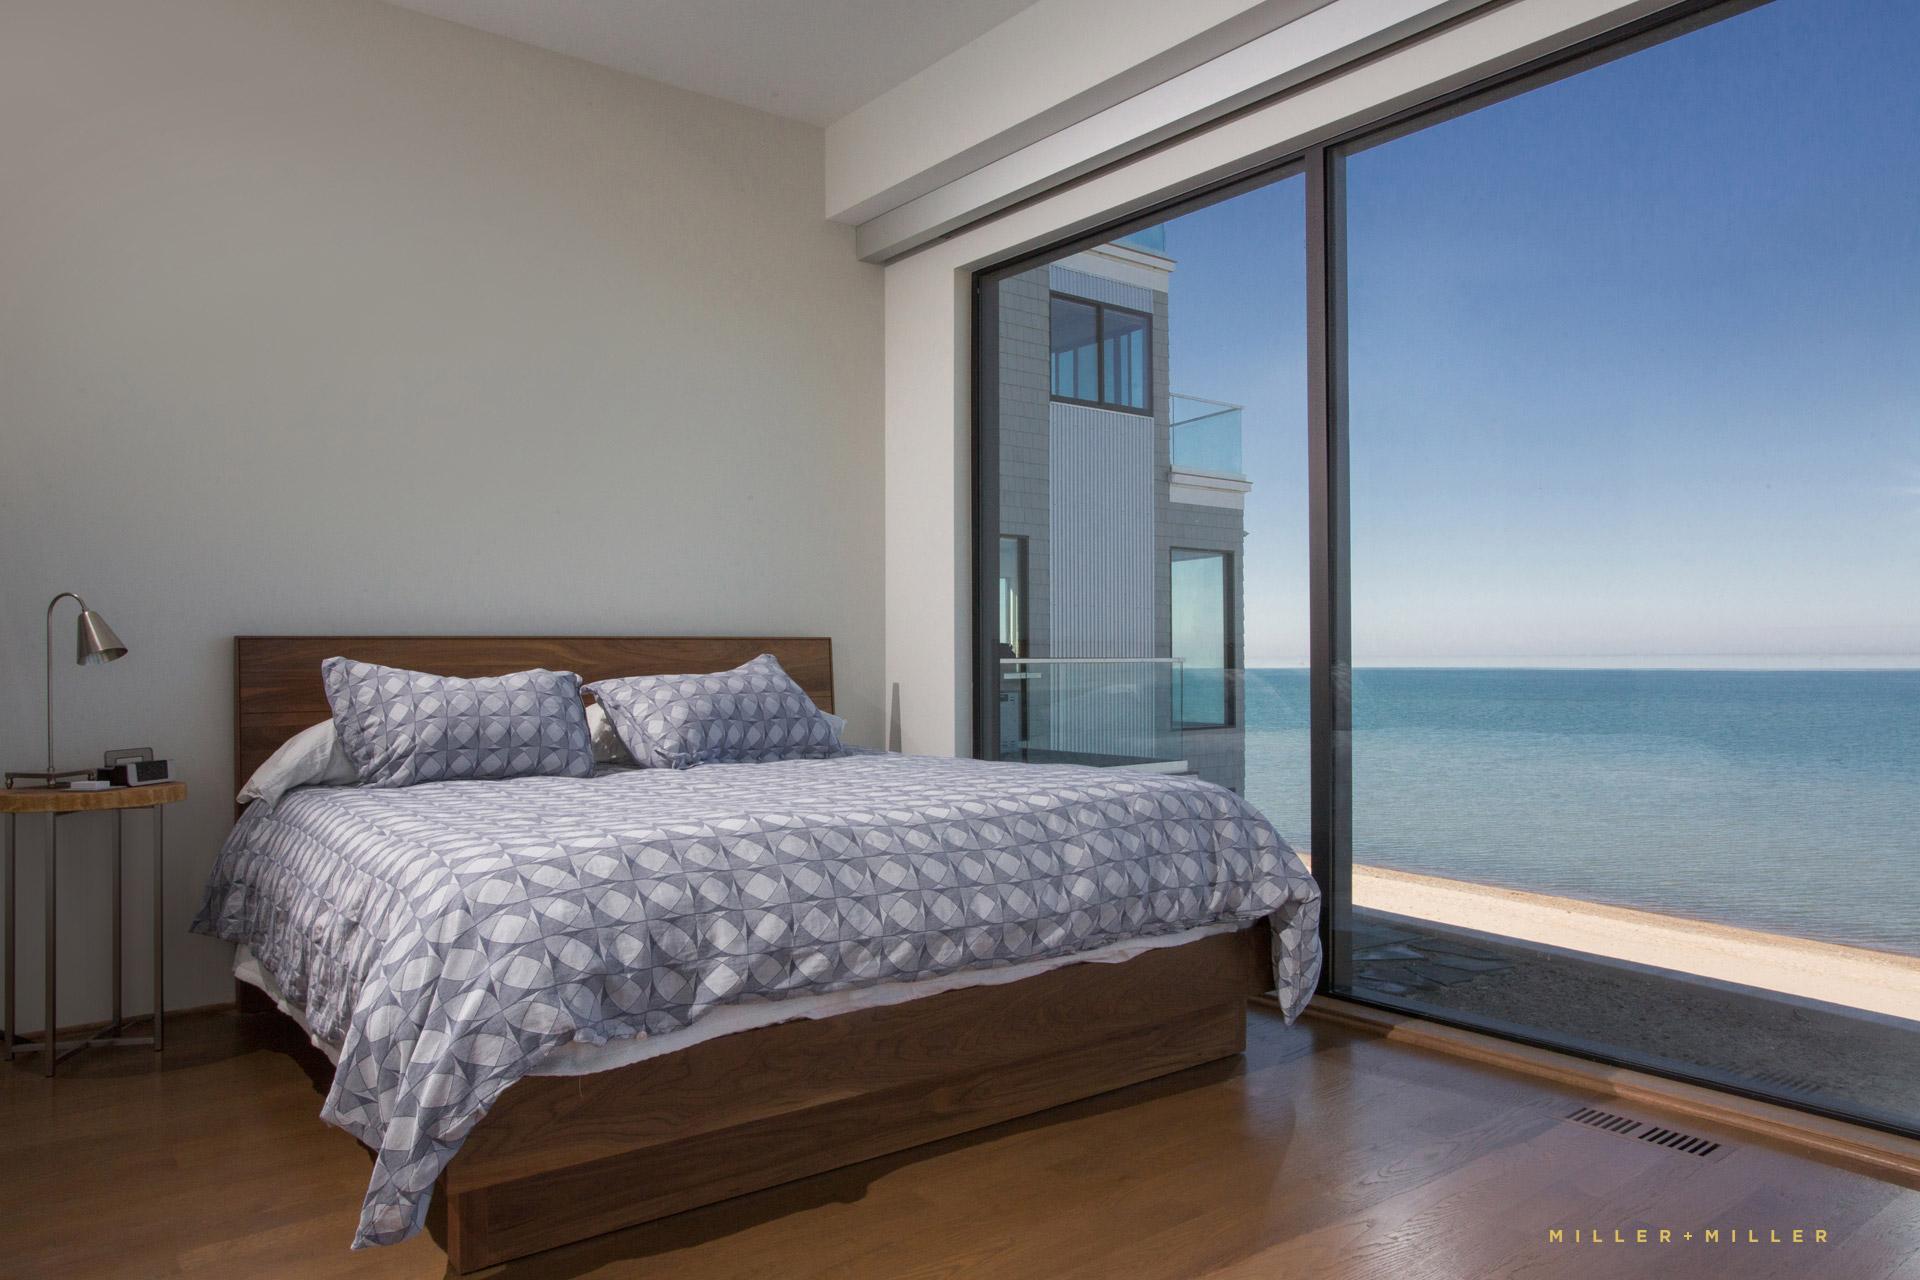 Oceanview Lake View Bedroom